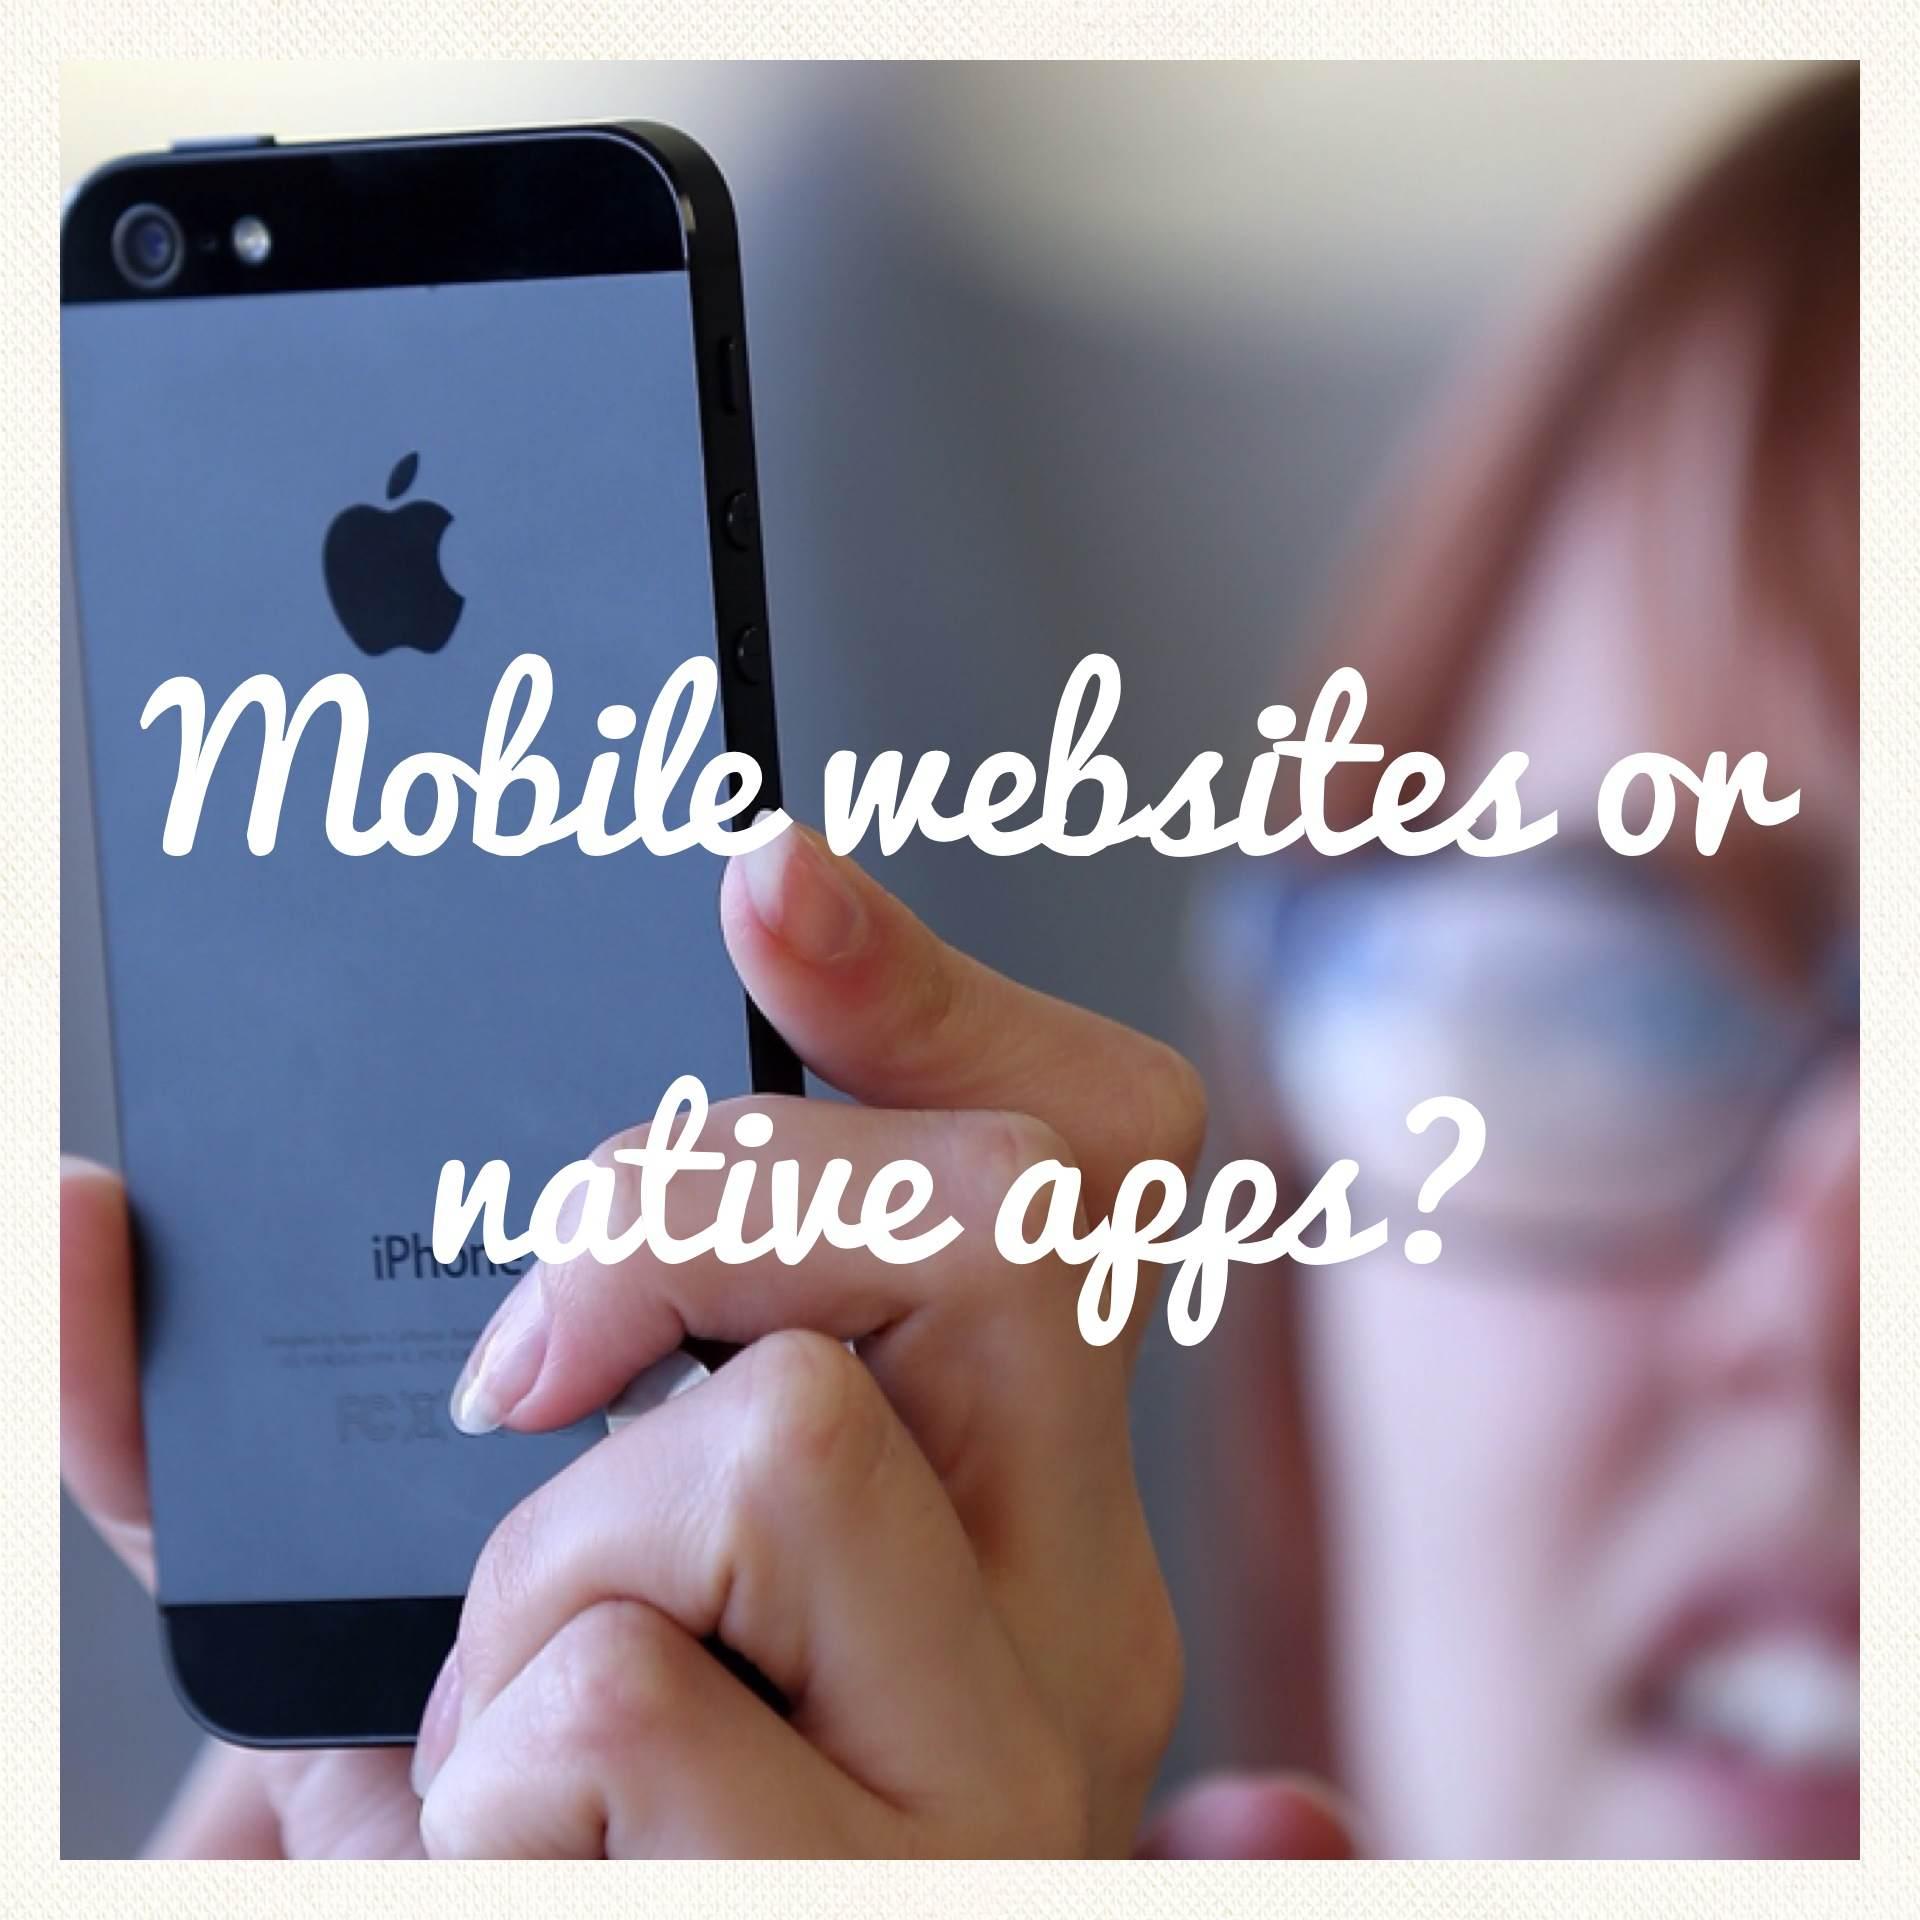 Mobile websites or native apps?